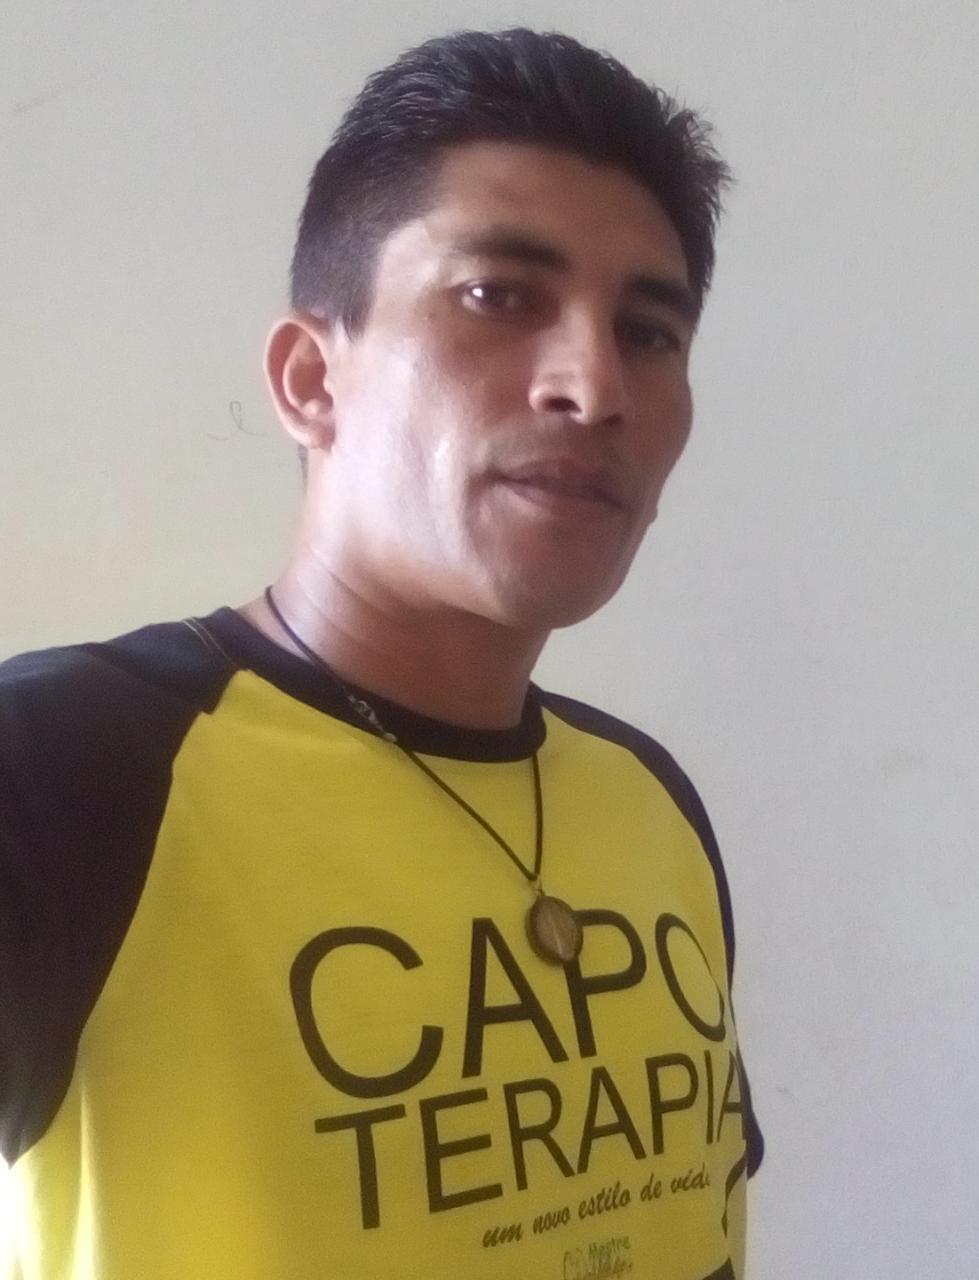 Francisco Darcio de Sousa Lima